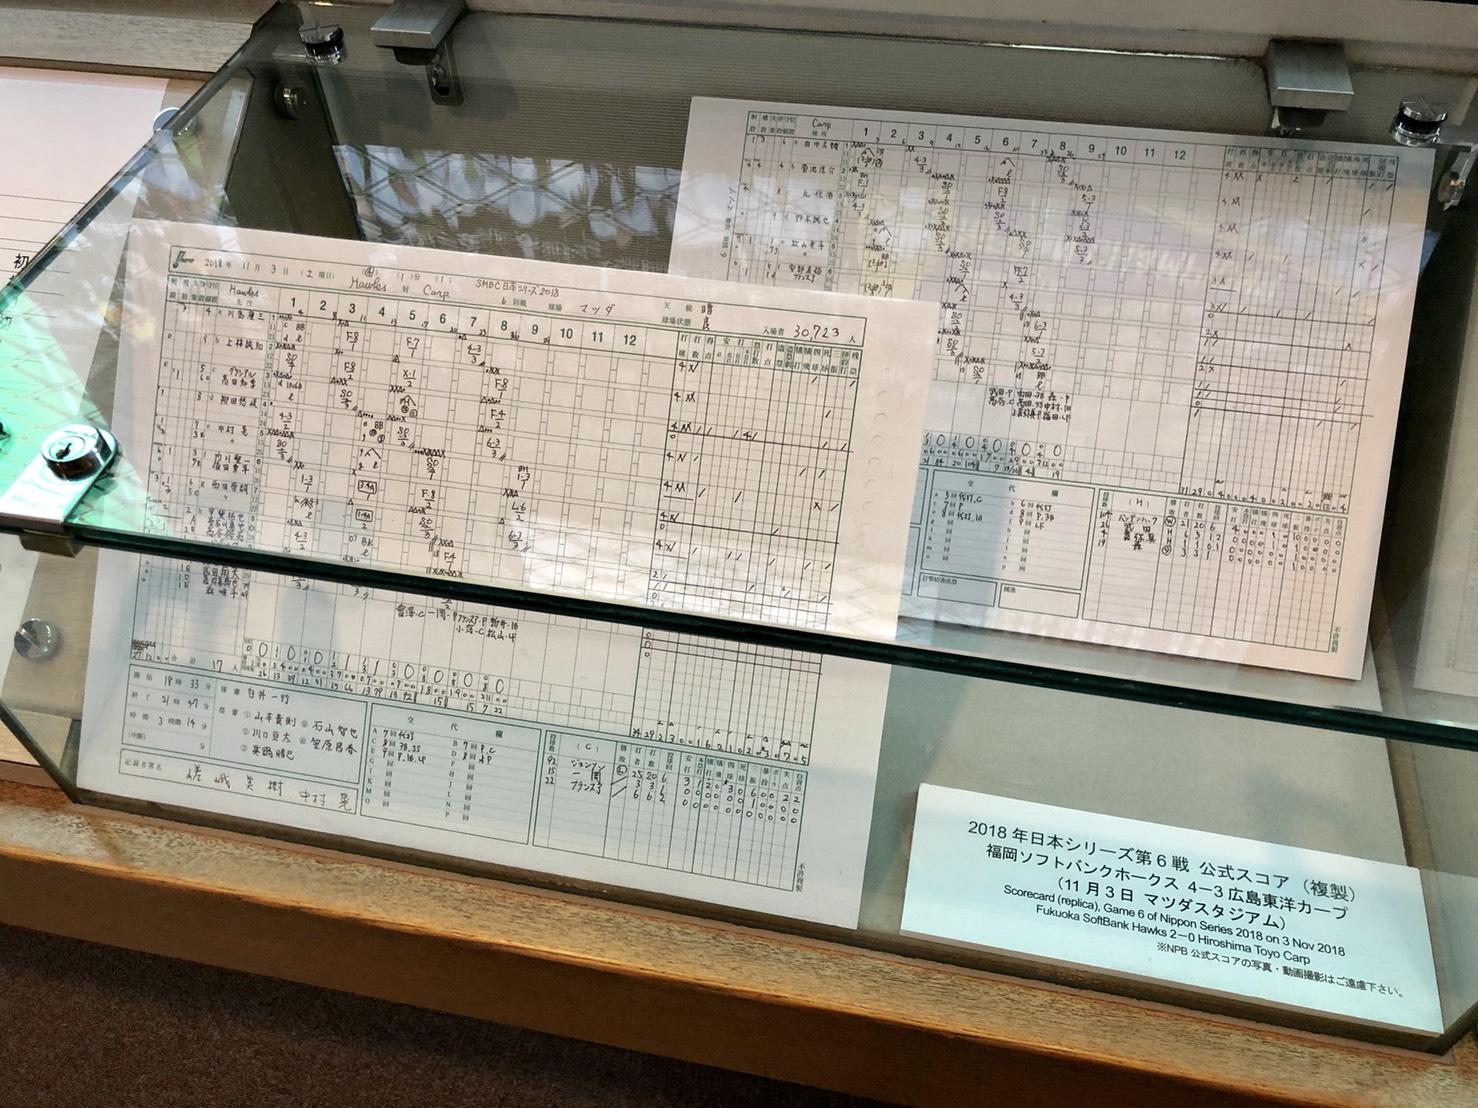 2018年日本シリーズ・第6戦 公式スコア